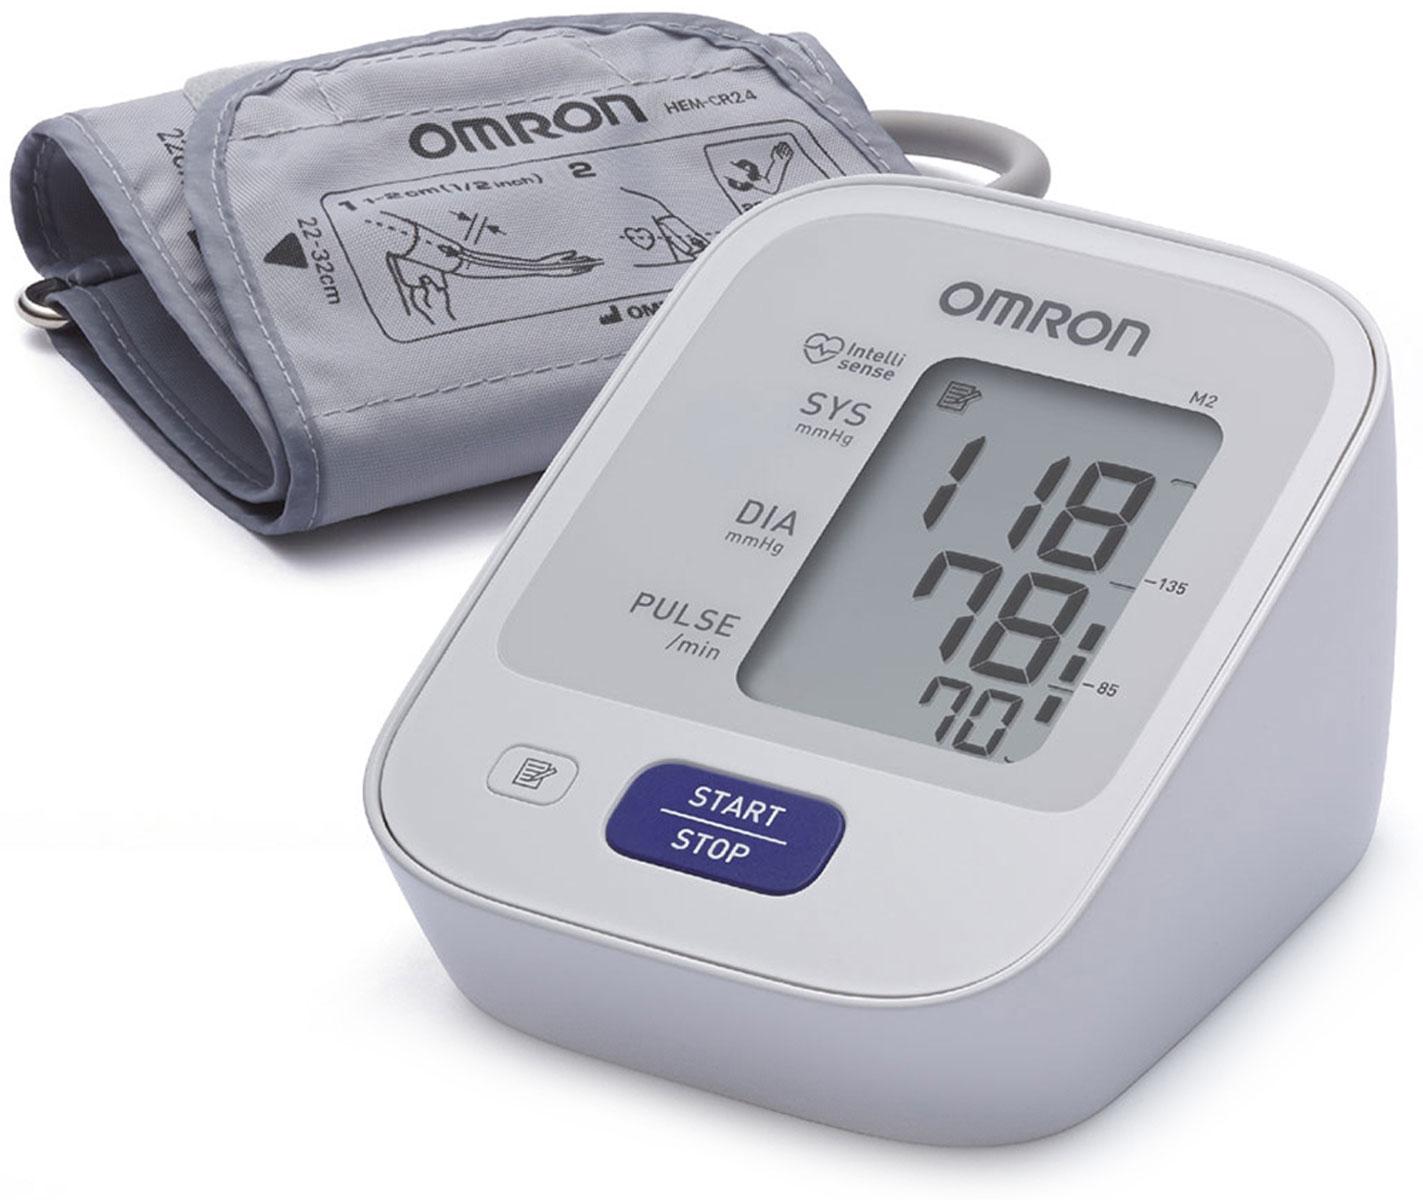 Omron M2 Basic тонометр + адаптер HEM-7121-ARUУТ000001757Предупредить инсульт в ваших силах! Тонометр Omron помогает контролировать артериальную гипертонию — основной фактор риска развития инсульта. Работает с детской манжетой 17-22 см - контроль оптимального давления в манжете Комплект поставки: Электронный блок, манжета компрессионная CM, руководство по эксплуатации, чехол для хранения прибора, комплект элементов питания, журнал для записи артериального давления, гарантийный талон